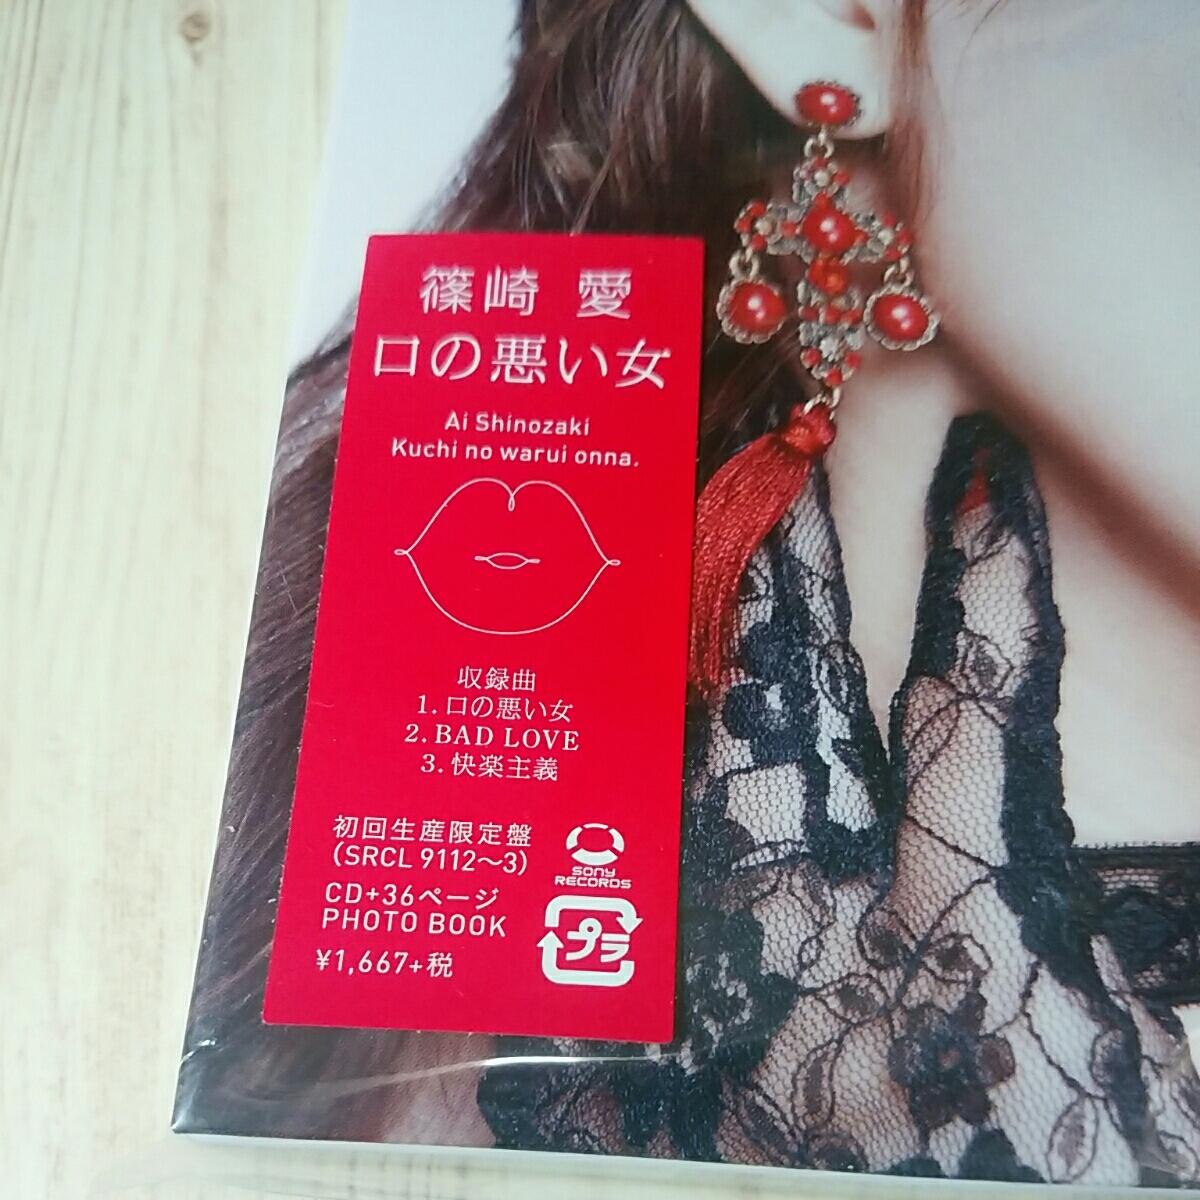 口の悪い女(初回生産限定盤) 篠崎 愛 BAD LOVE 快楽主義 36Pフォトブックつき_画像3